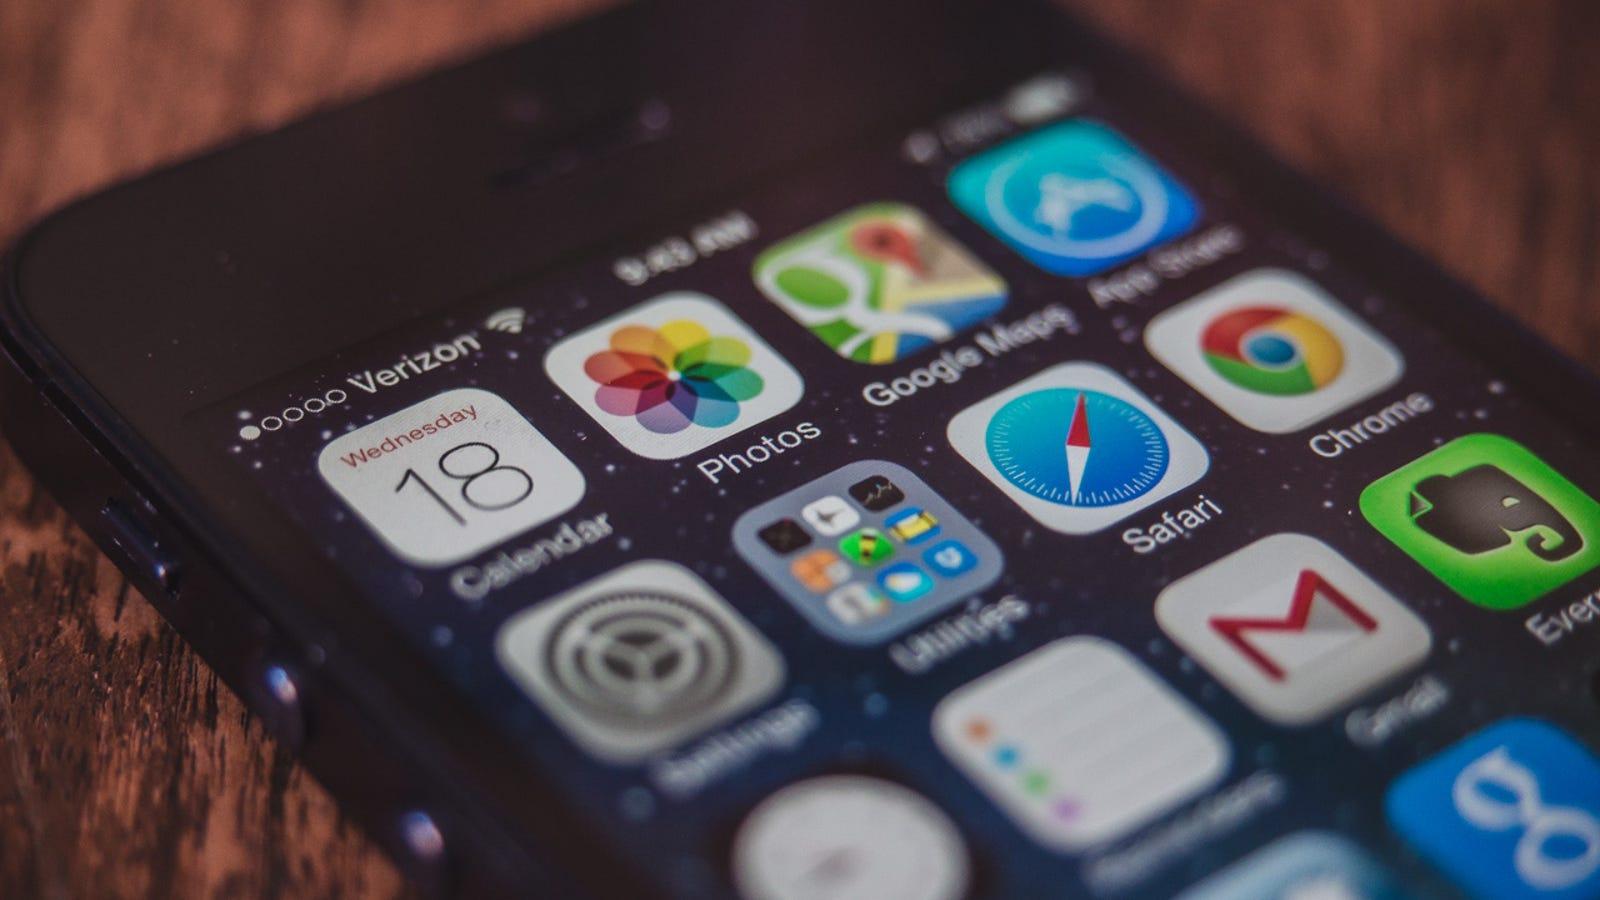 Cómo configurar a la perfección tu nuevo iPhone con iOS 7